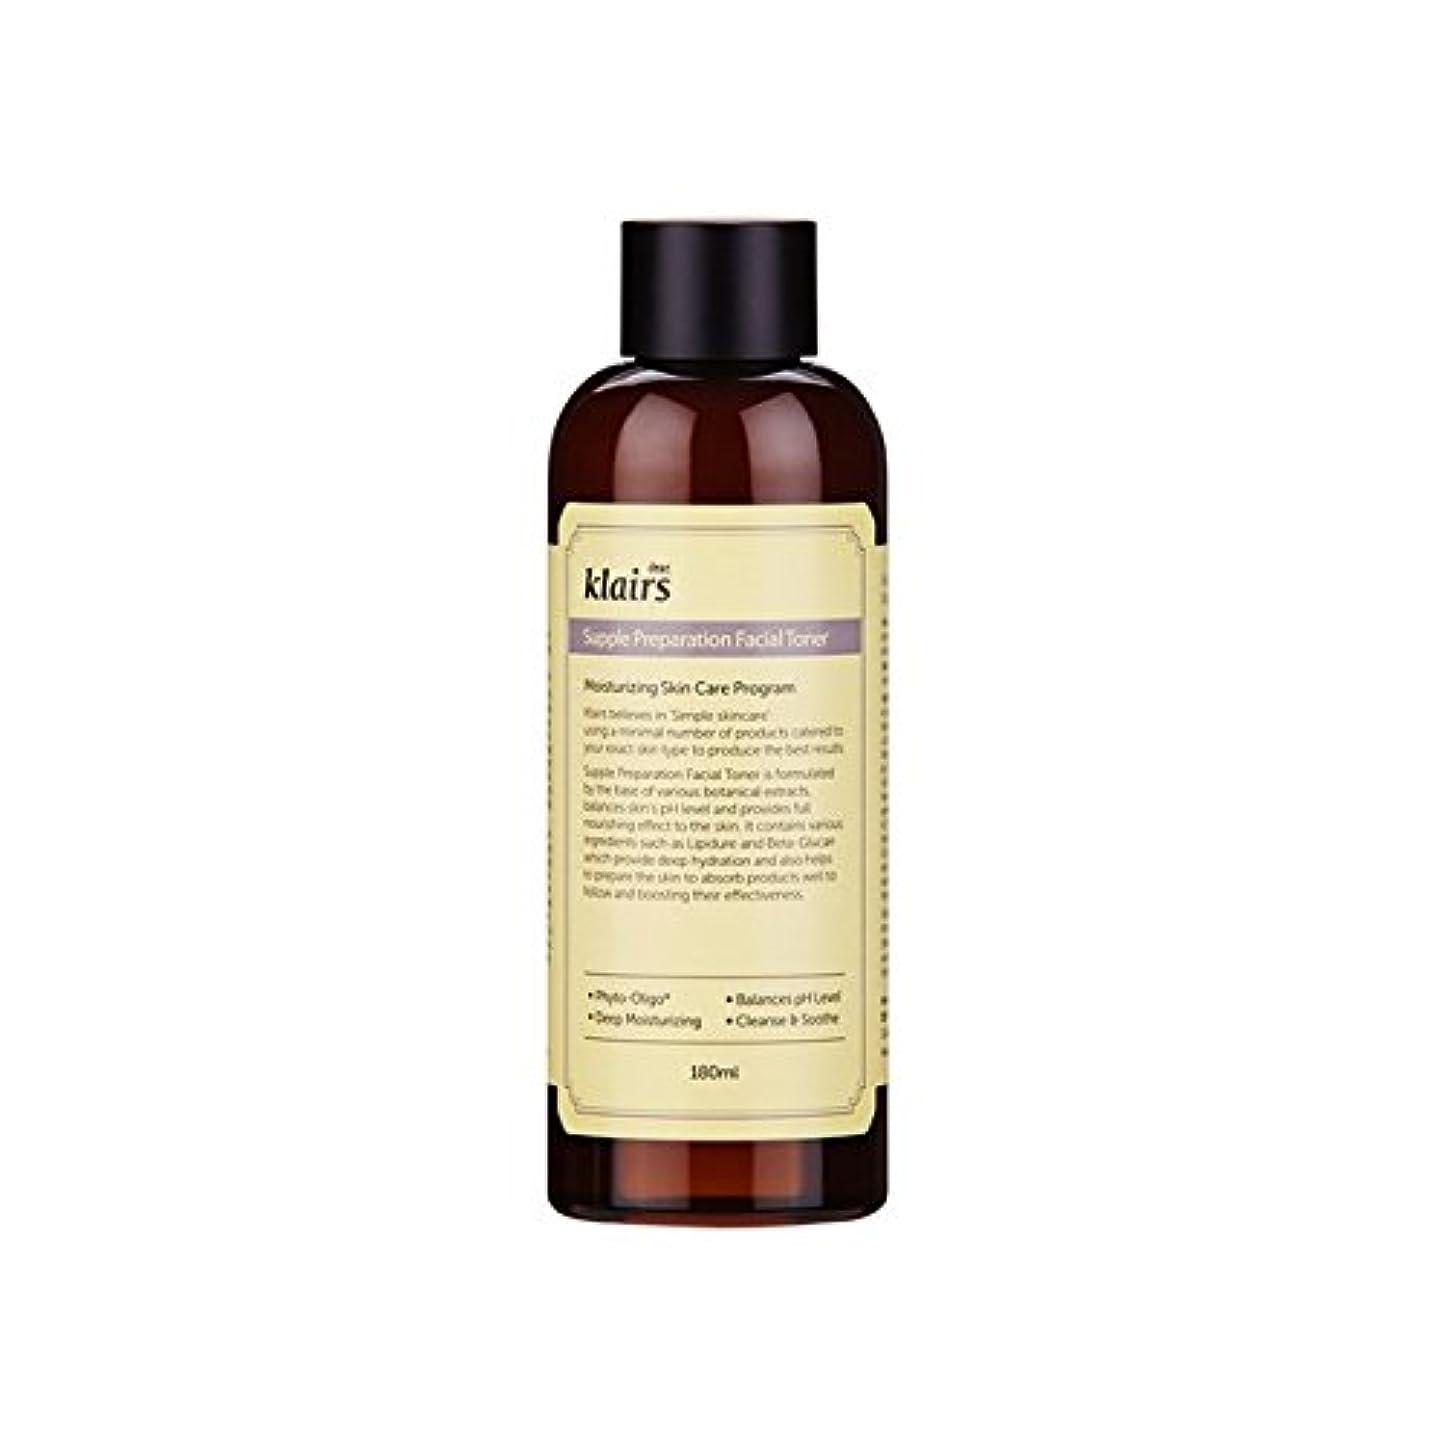 ウイルス羽含意KLAIRS Supple Preparationフェイシャルトナー180 ml(KLAIRS Supple Preparation Facial Toner 180 ml) [並行輸入品]